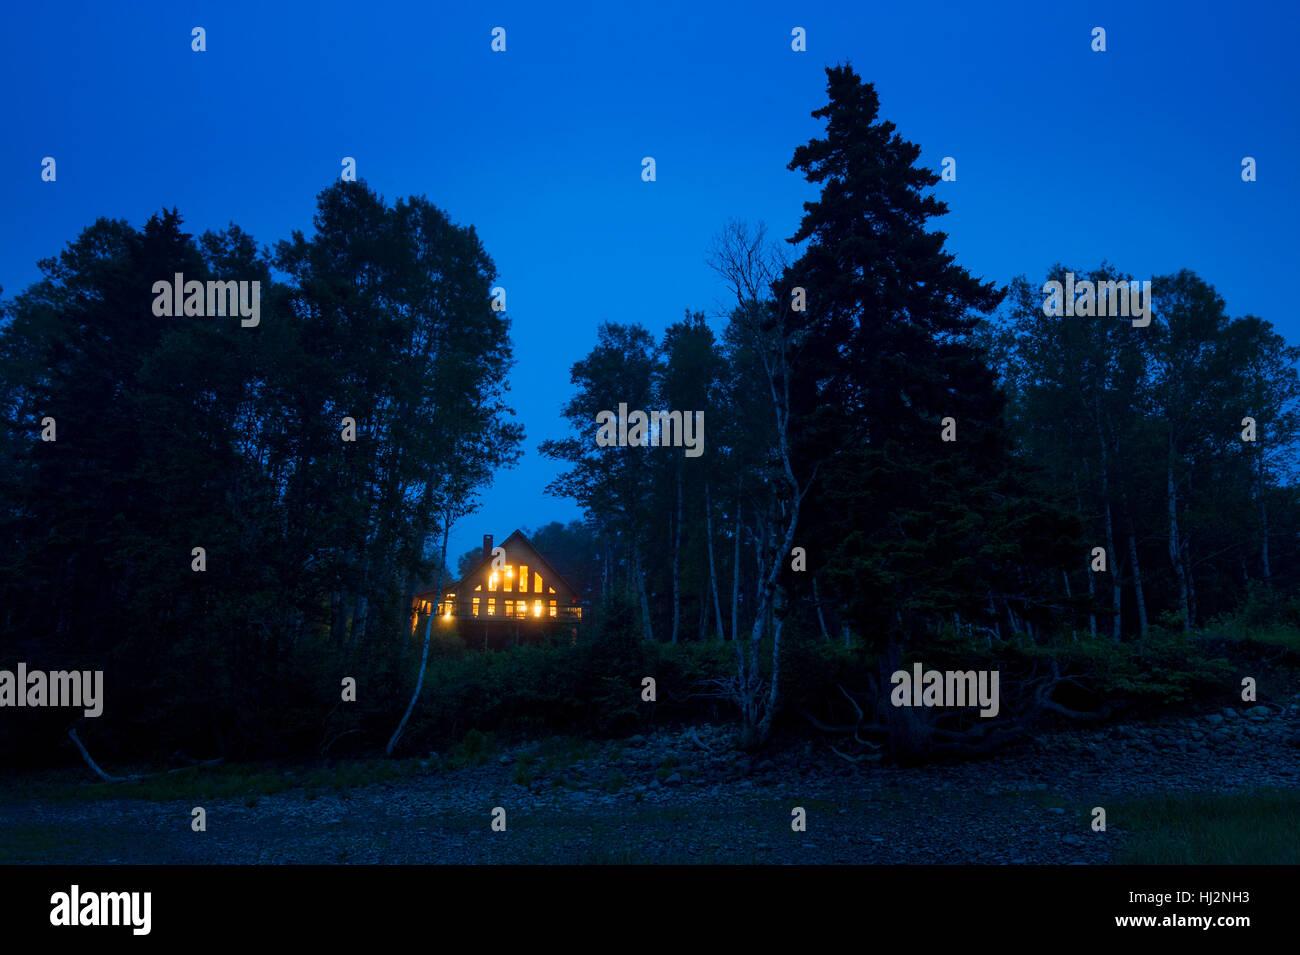 Une cabane est allumé jusqu'au crépuscule le long d'une rive recouverte d'arbres. Photo Stock